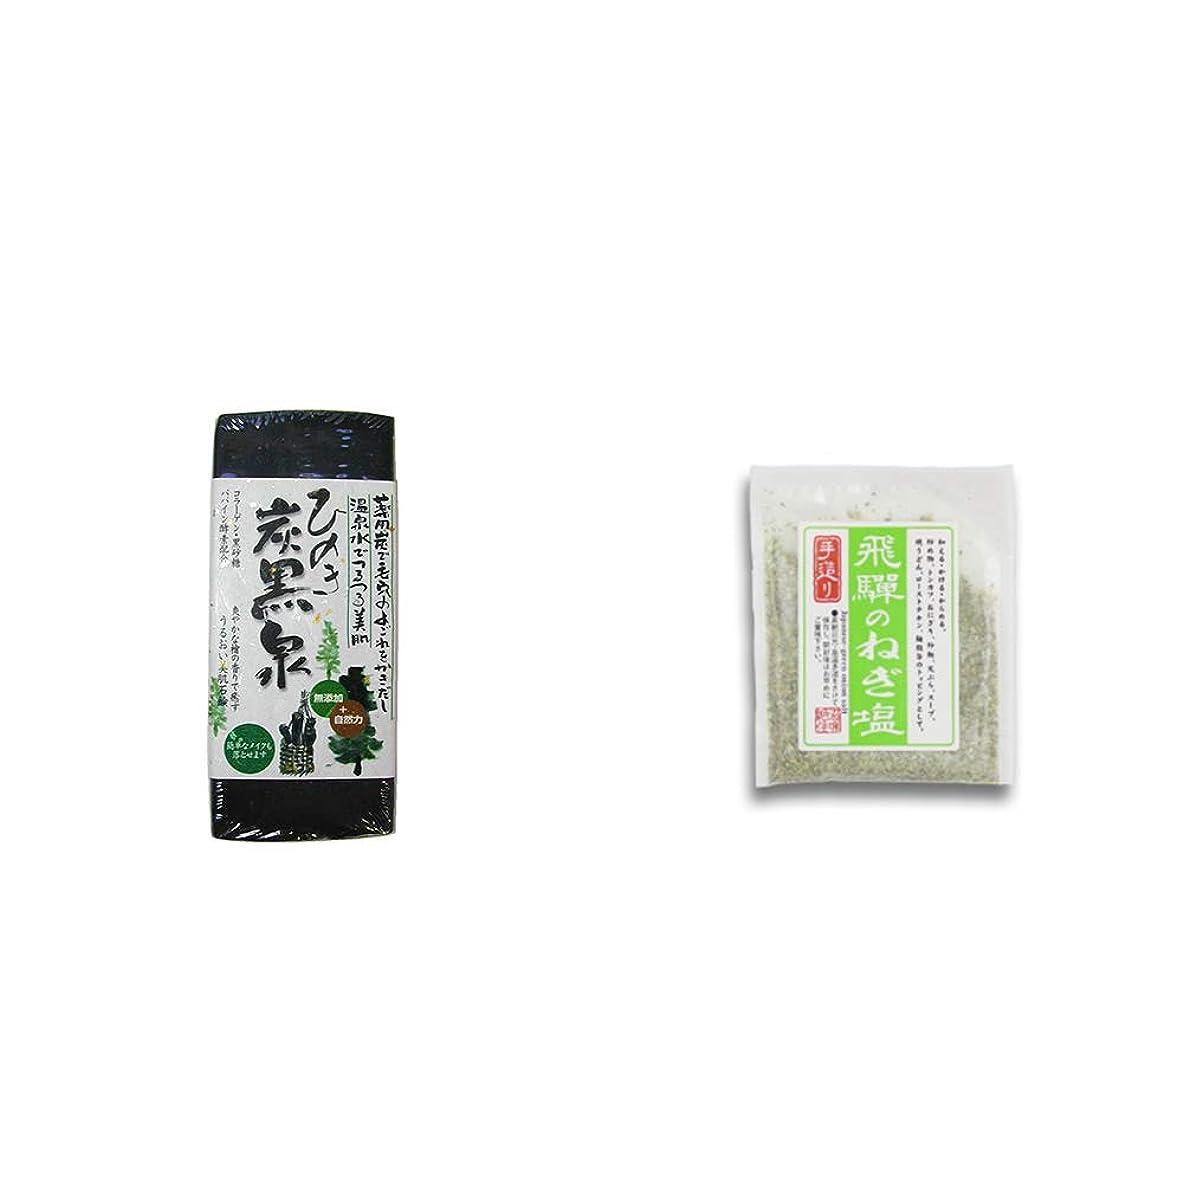 拷問スリット好き[2点セット] ひのき炭黒泉(75g×2)?手造り 飛騨のねぎ塩(40g)